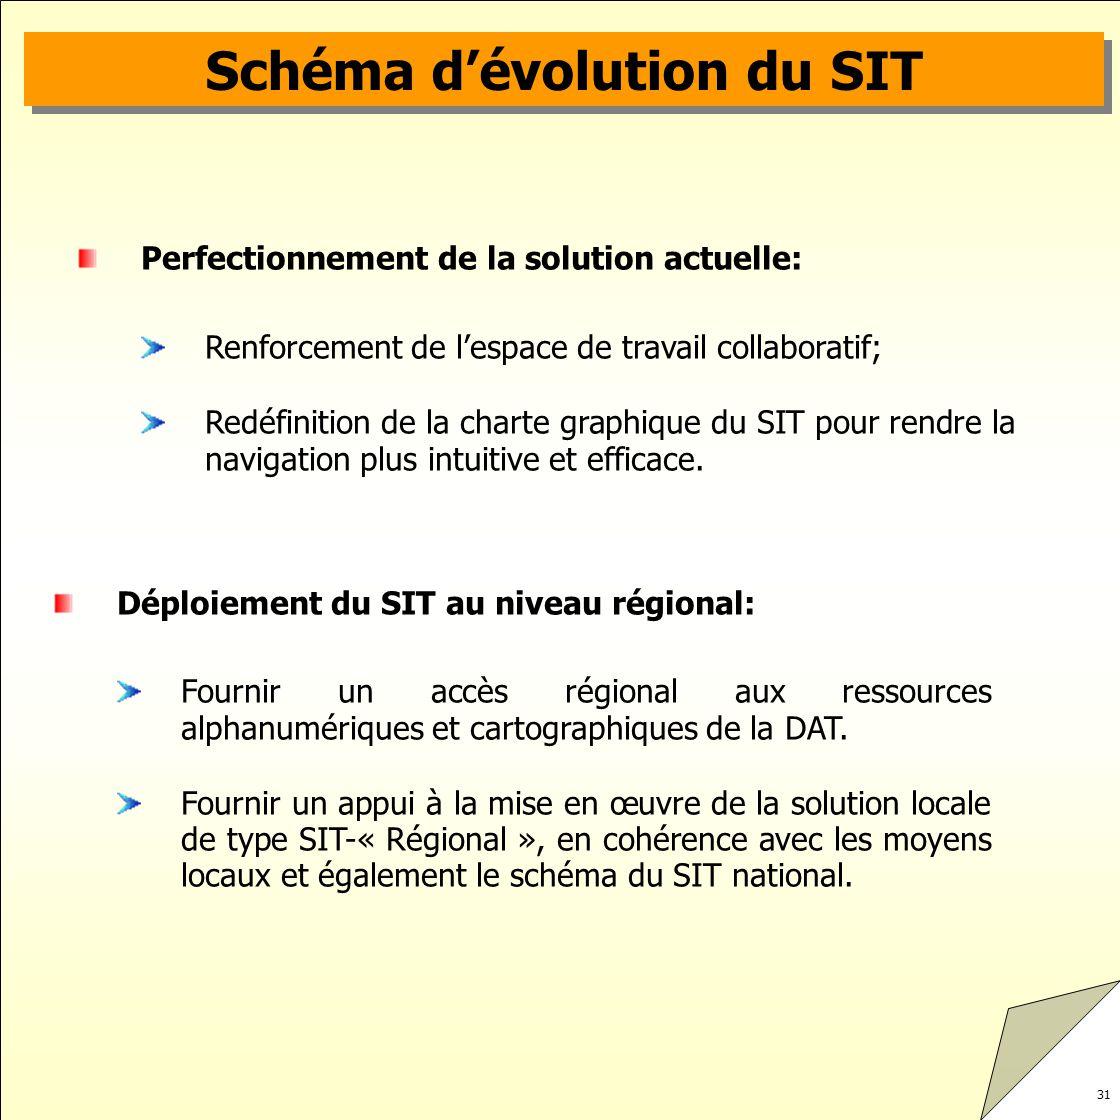 Schéma d'évolution du SIT